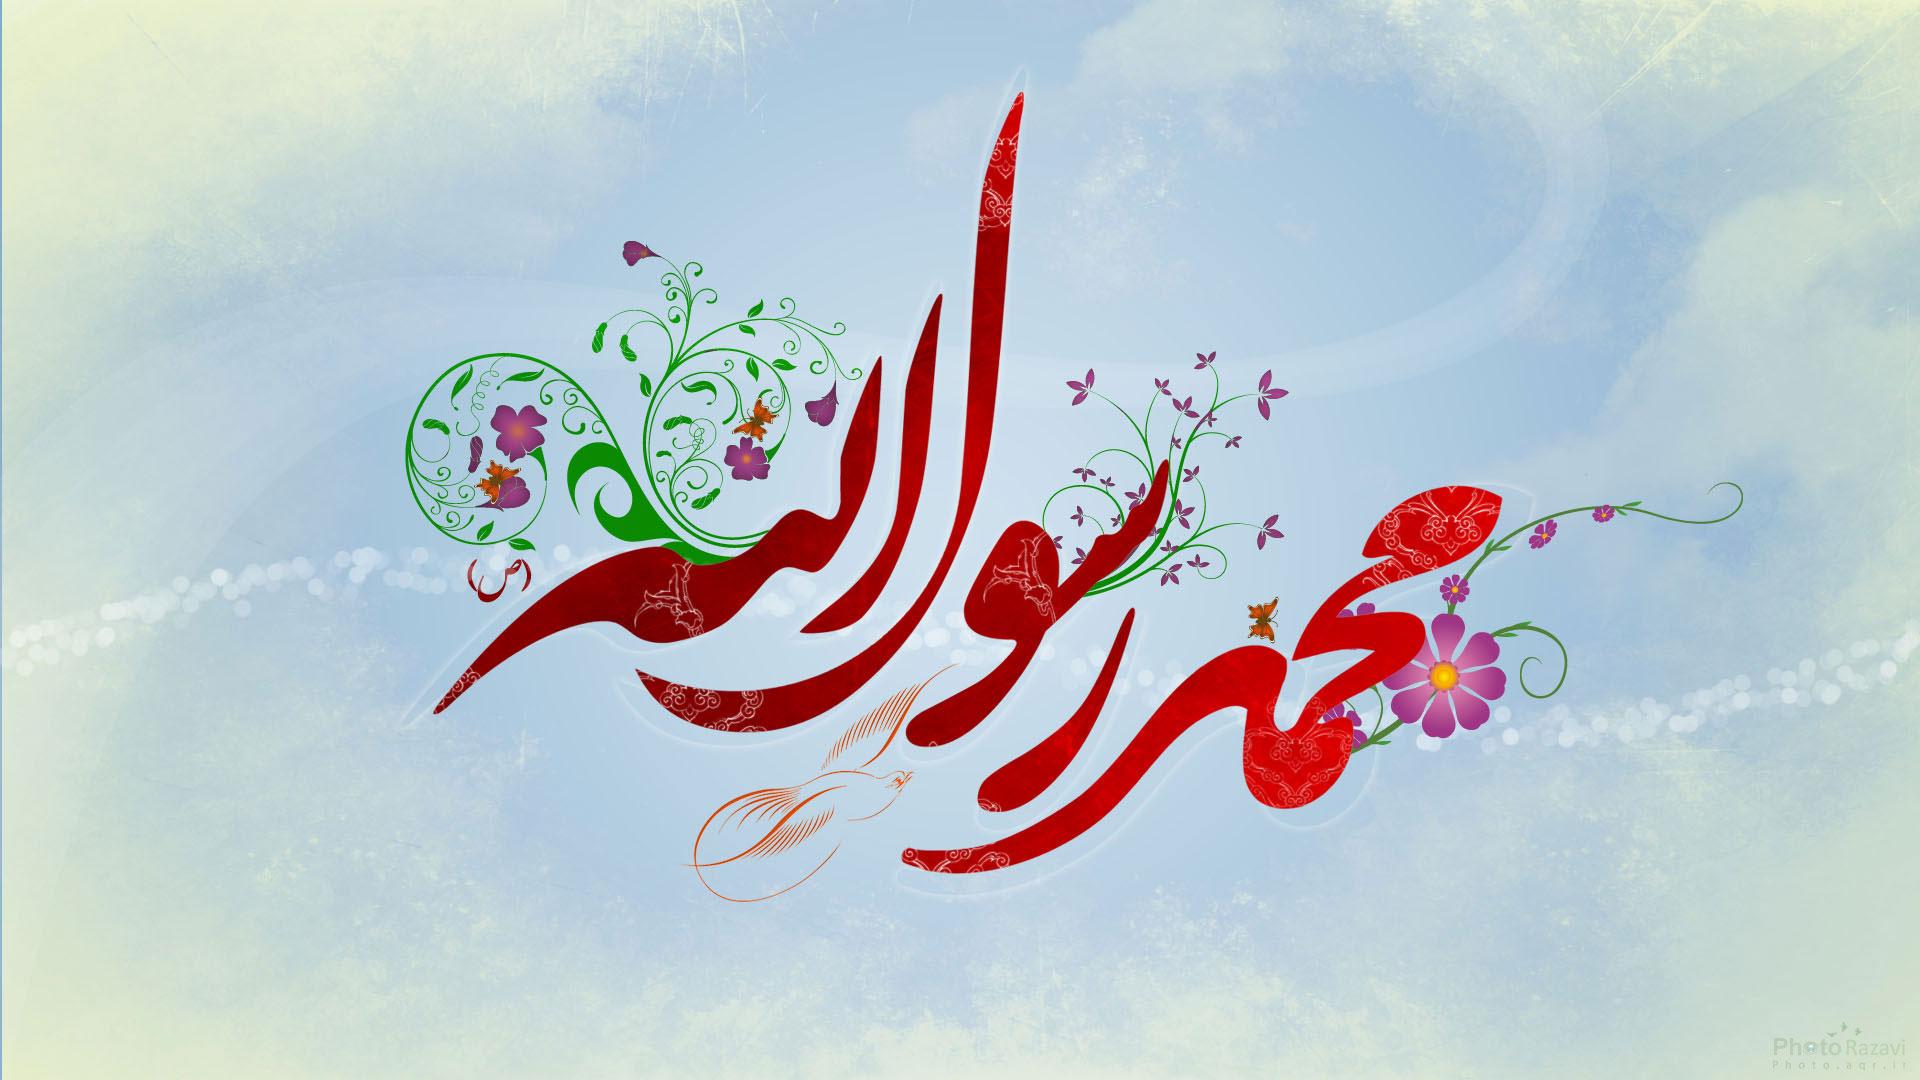 پیام مجمع جهانی امت اسلامی به مناسبت میلاد پیامبر اکرم و هفته وحدت